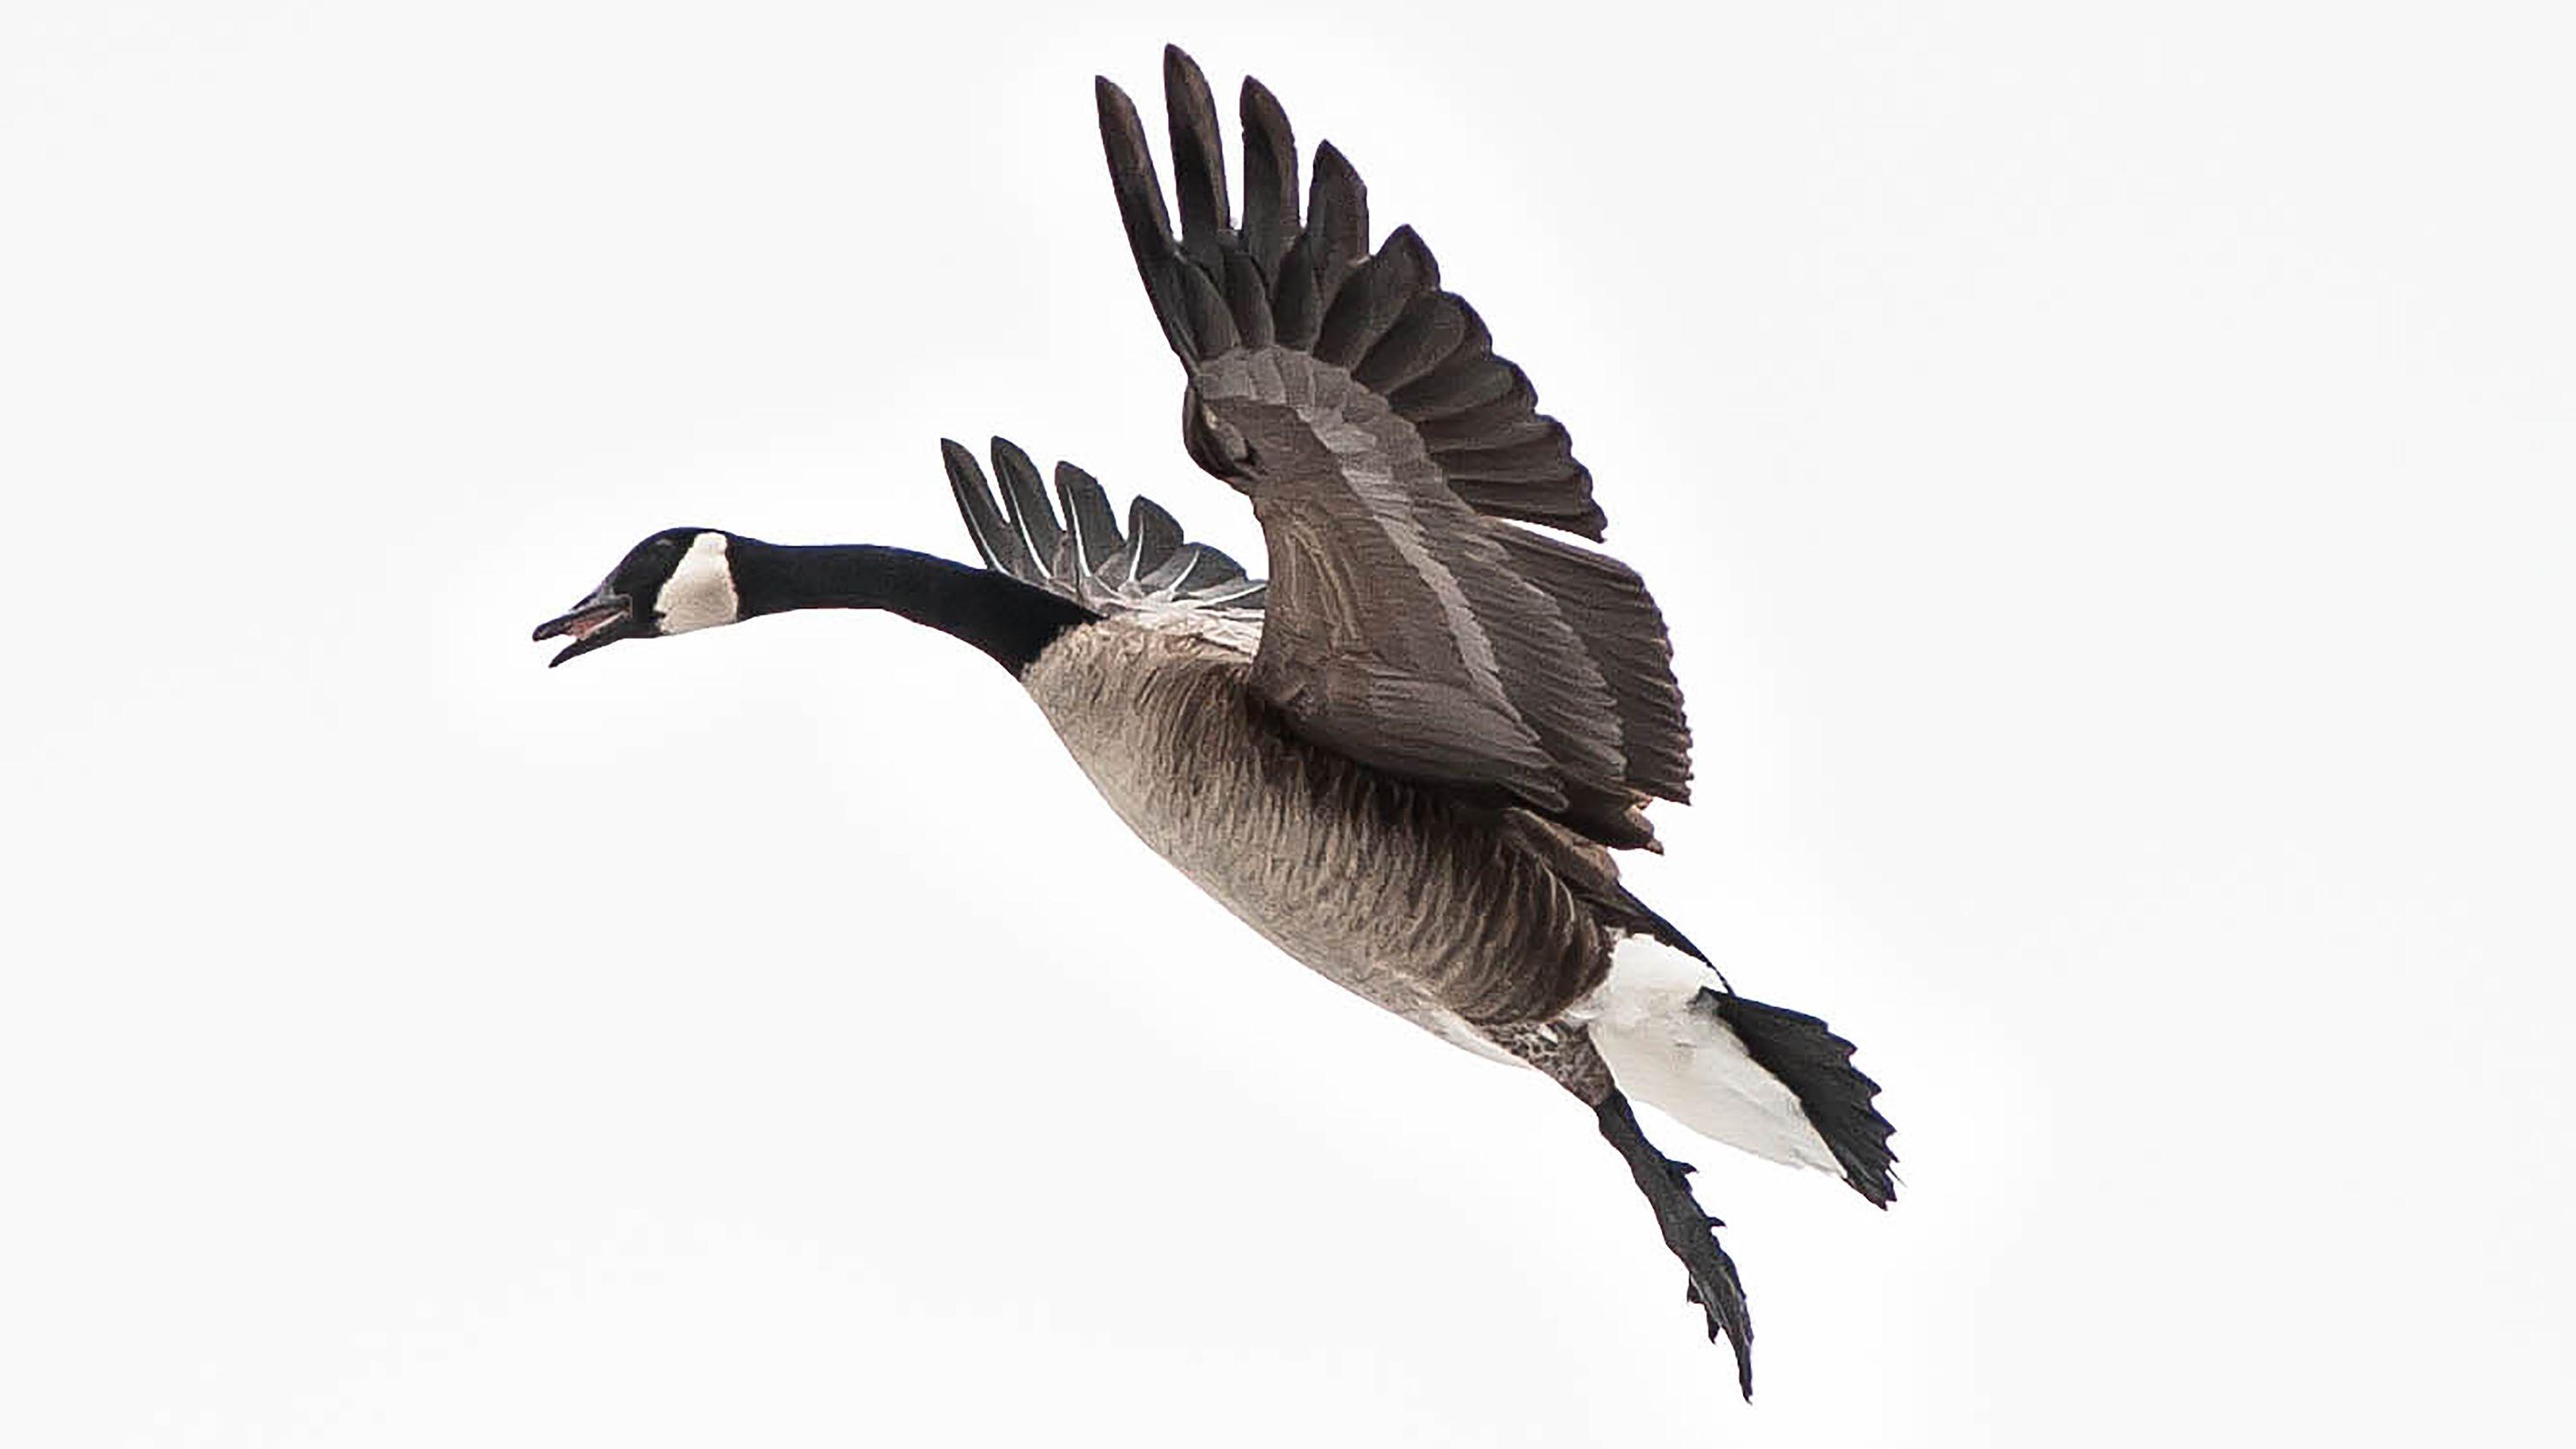 Canada Goose Facts: Habitat, Diet, Predators, and More